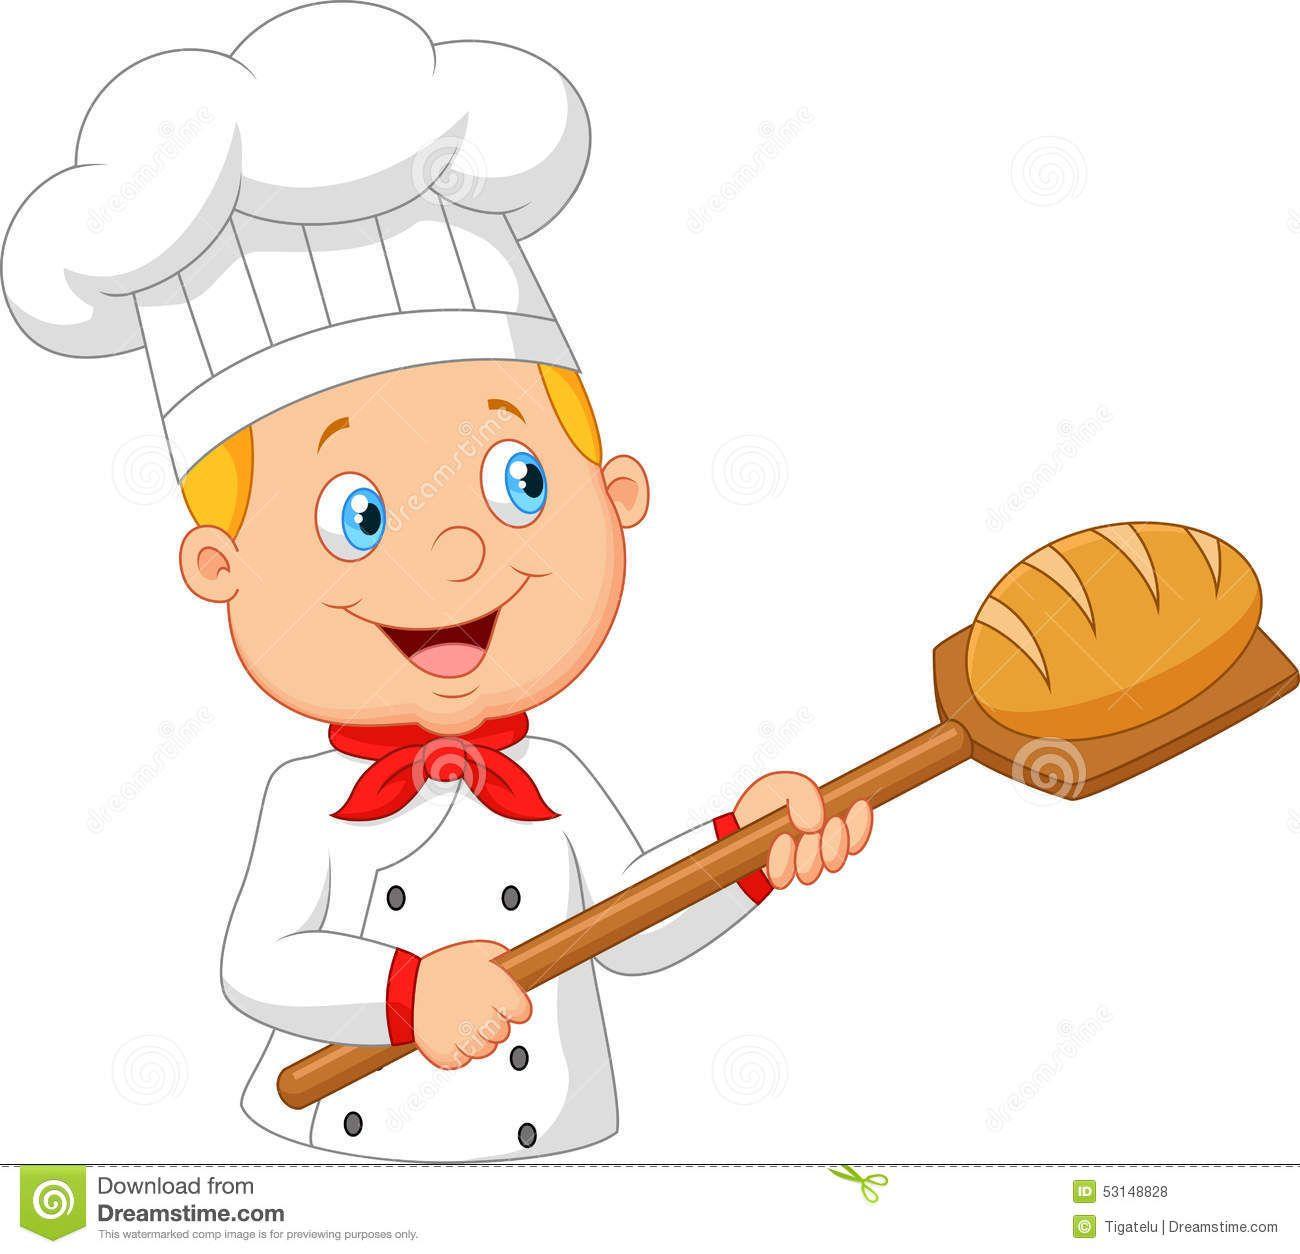 De historieta sostiene un. Baker clipart panadero